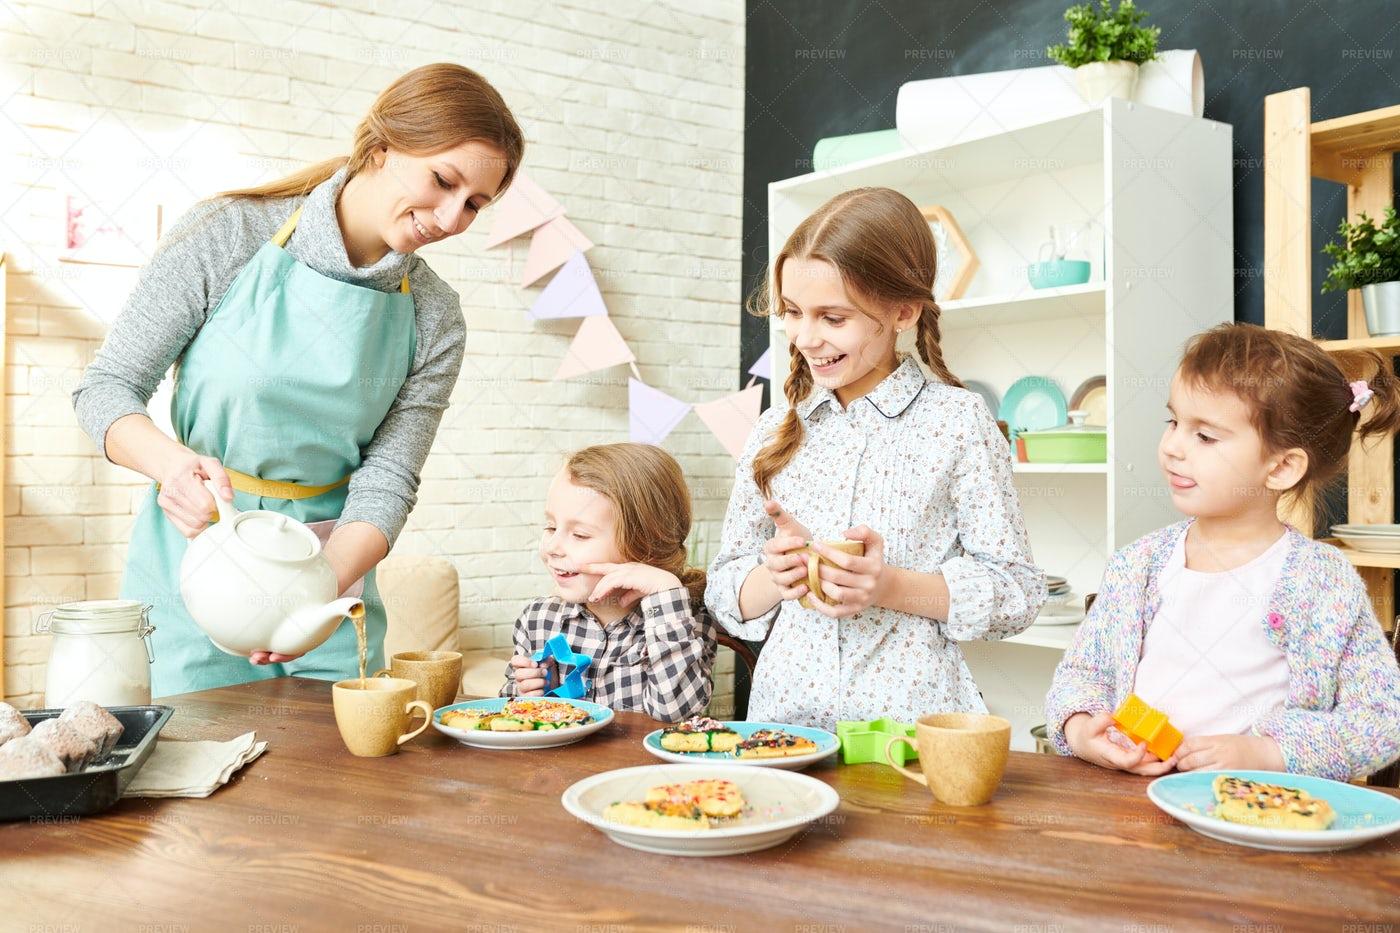 Adorable Family Having Tea Party: Stock Photos